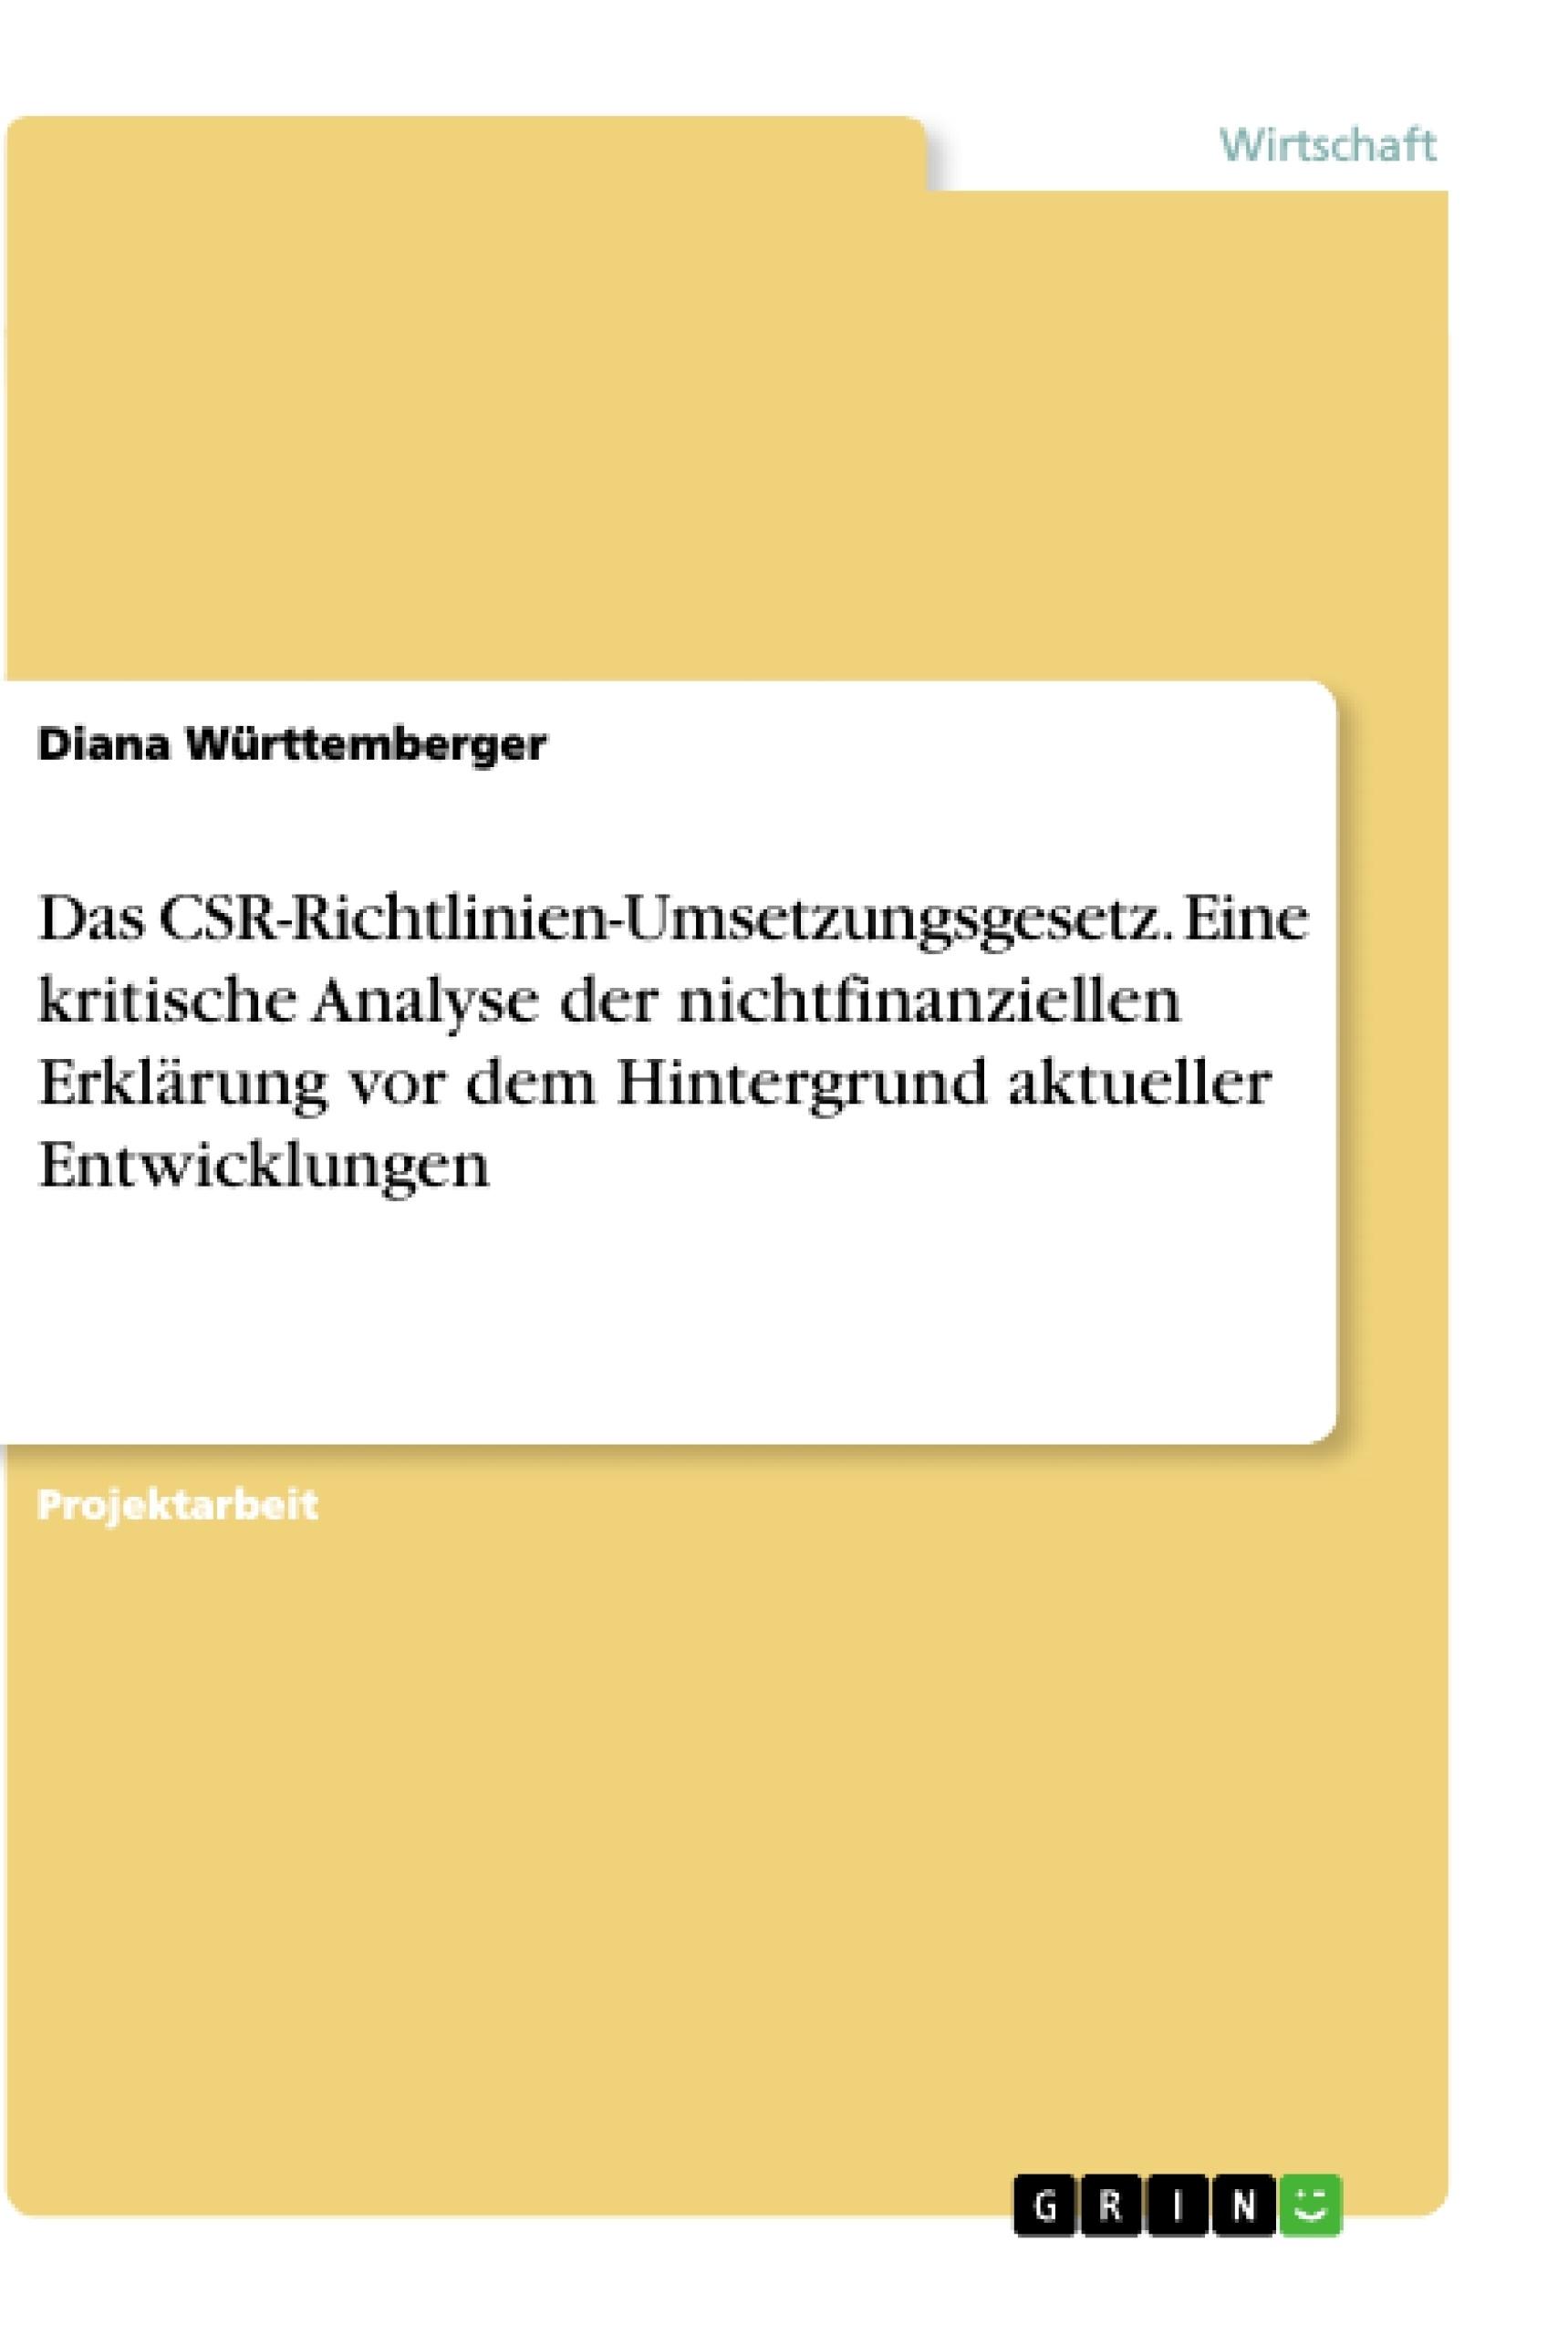 Titel: Das CSR-Richtlinien-Umsetzungsgesetz. Eine kritische Analyse der nichtfinanziellen Erklärung vor dem Hintergrund aktueller Entwicklungen